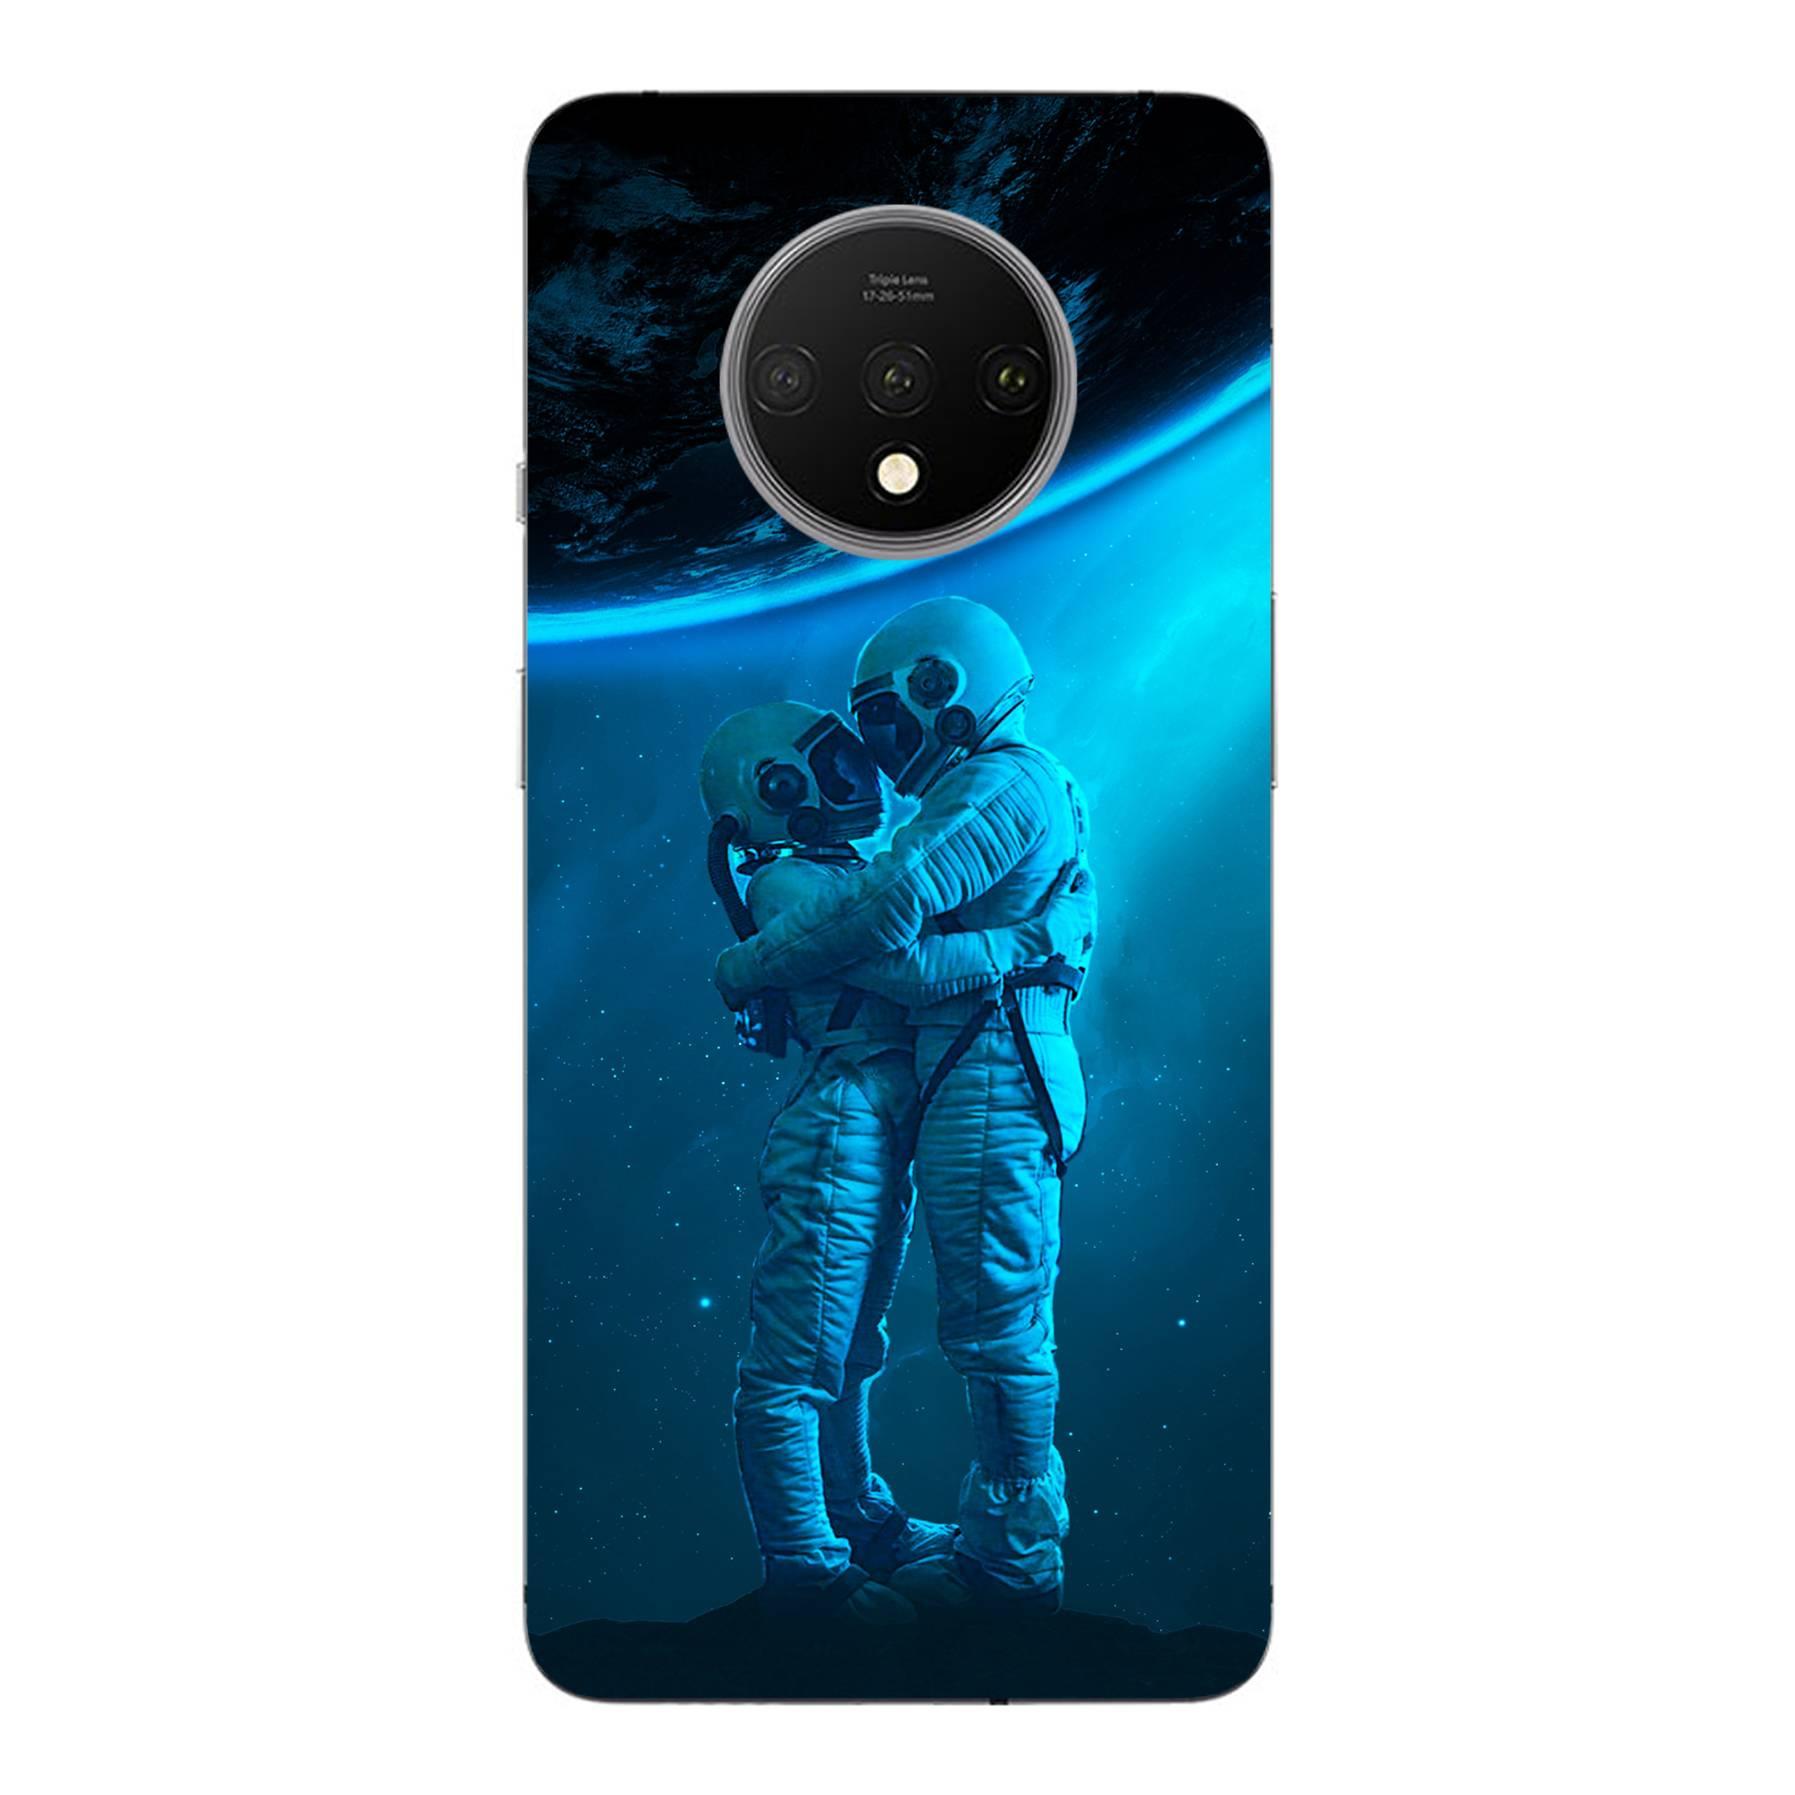 E-pic szilikon védő tok / hátlap - Szerelmes űrhajós pár mintás - ONEPLUS 7T